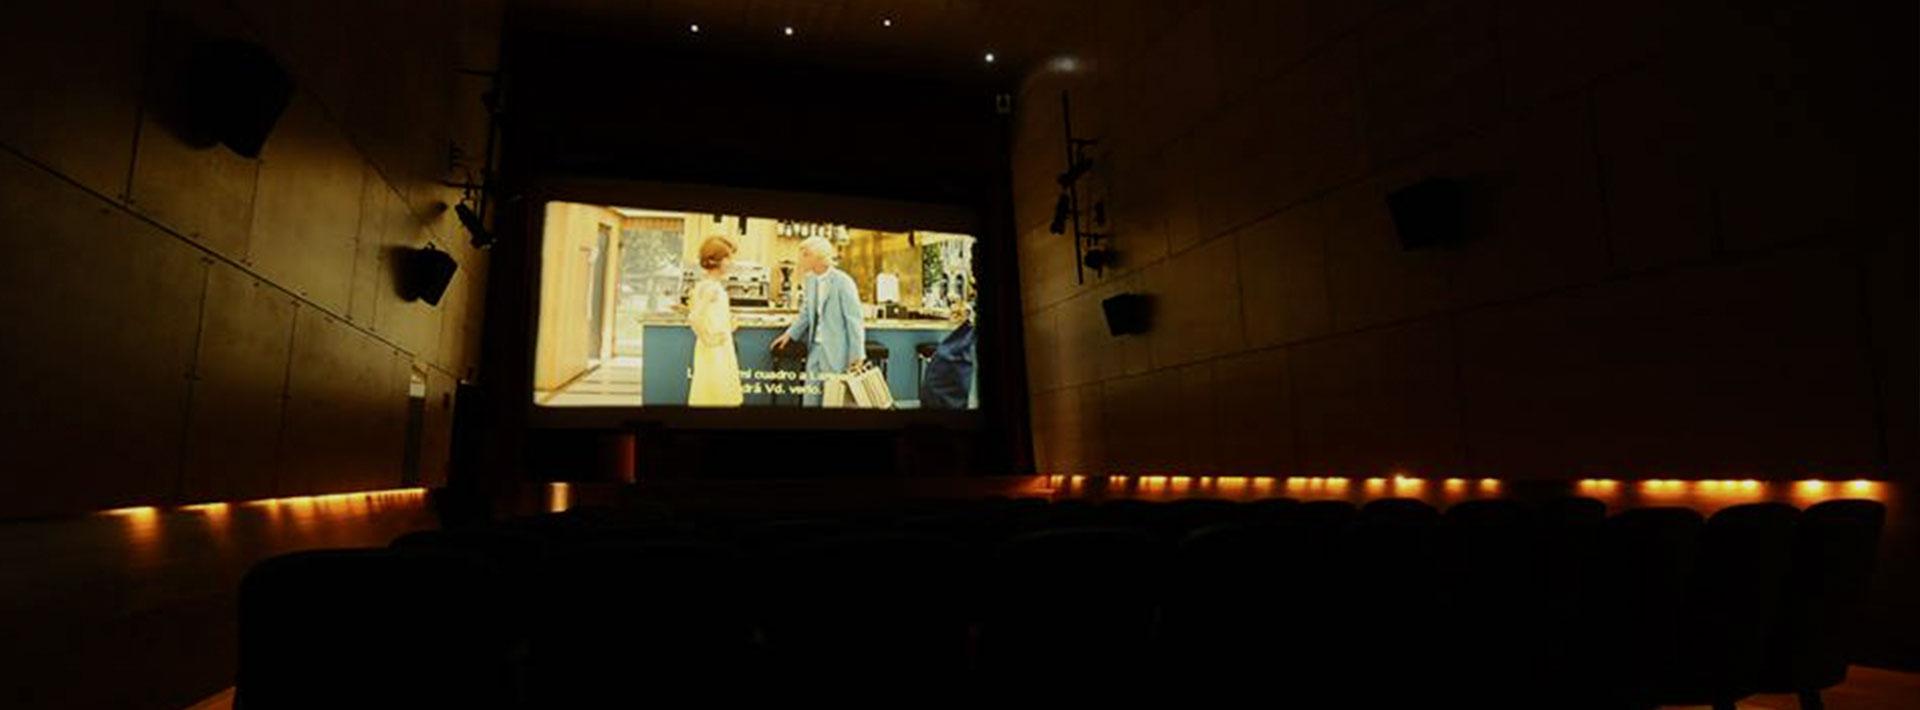 Del cine a los cineclubs